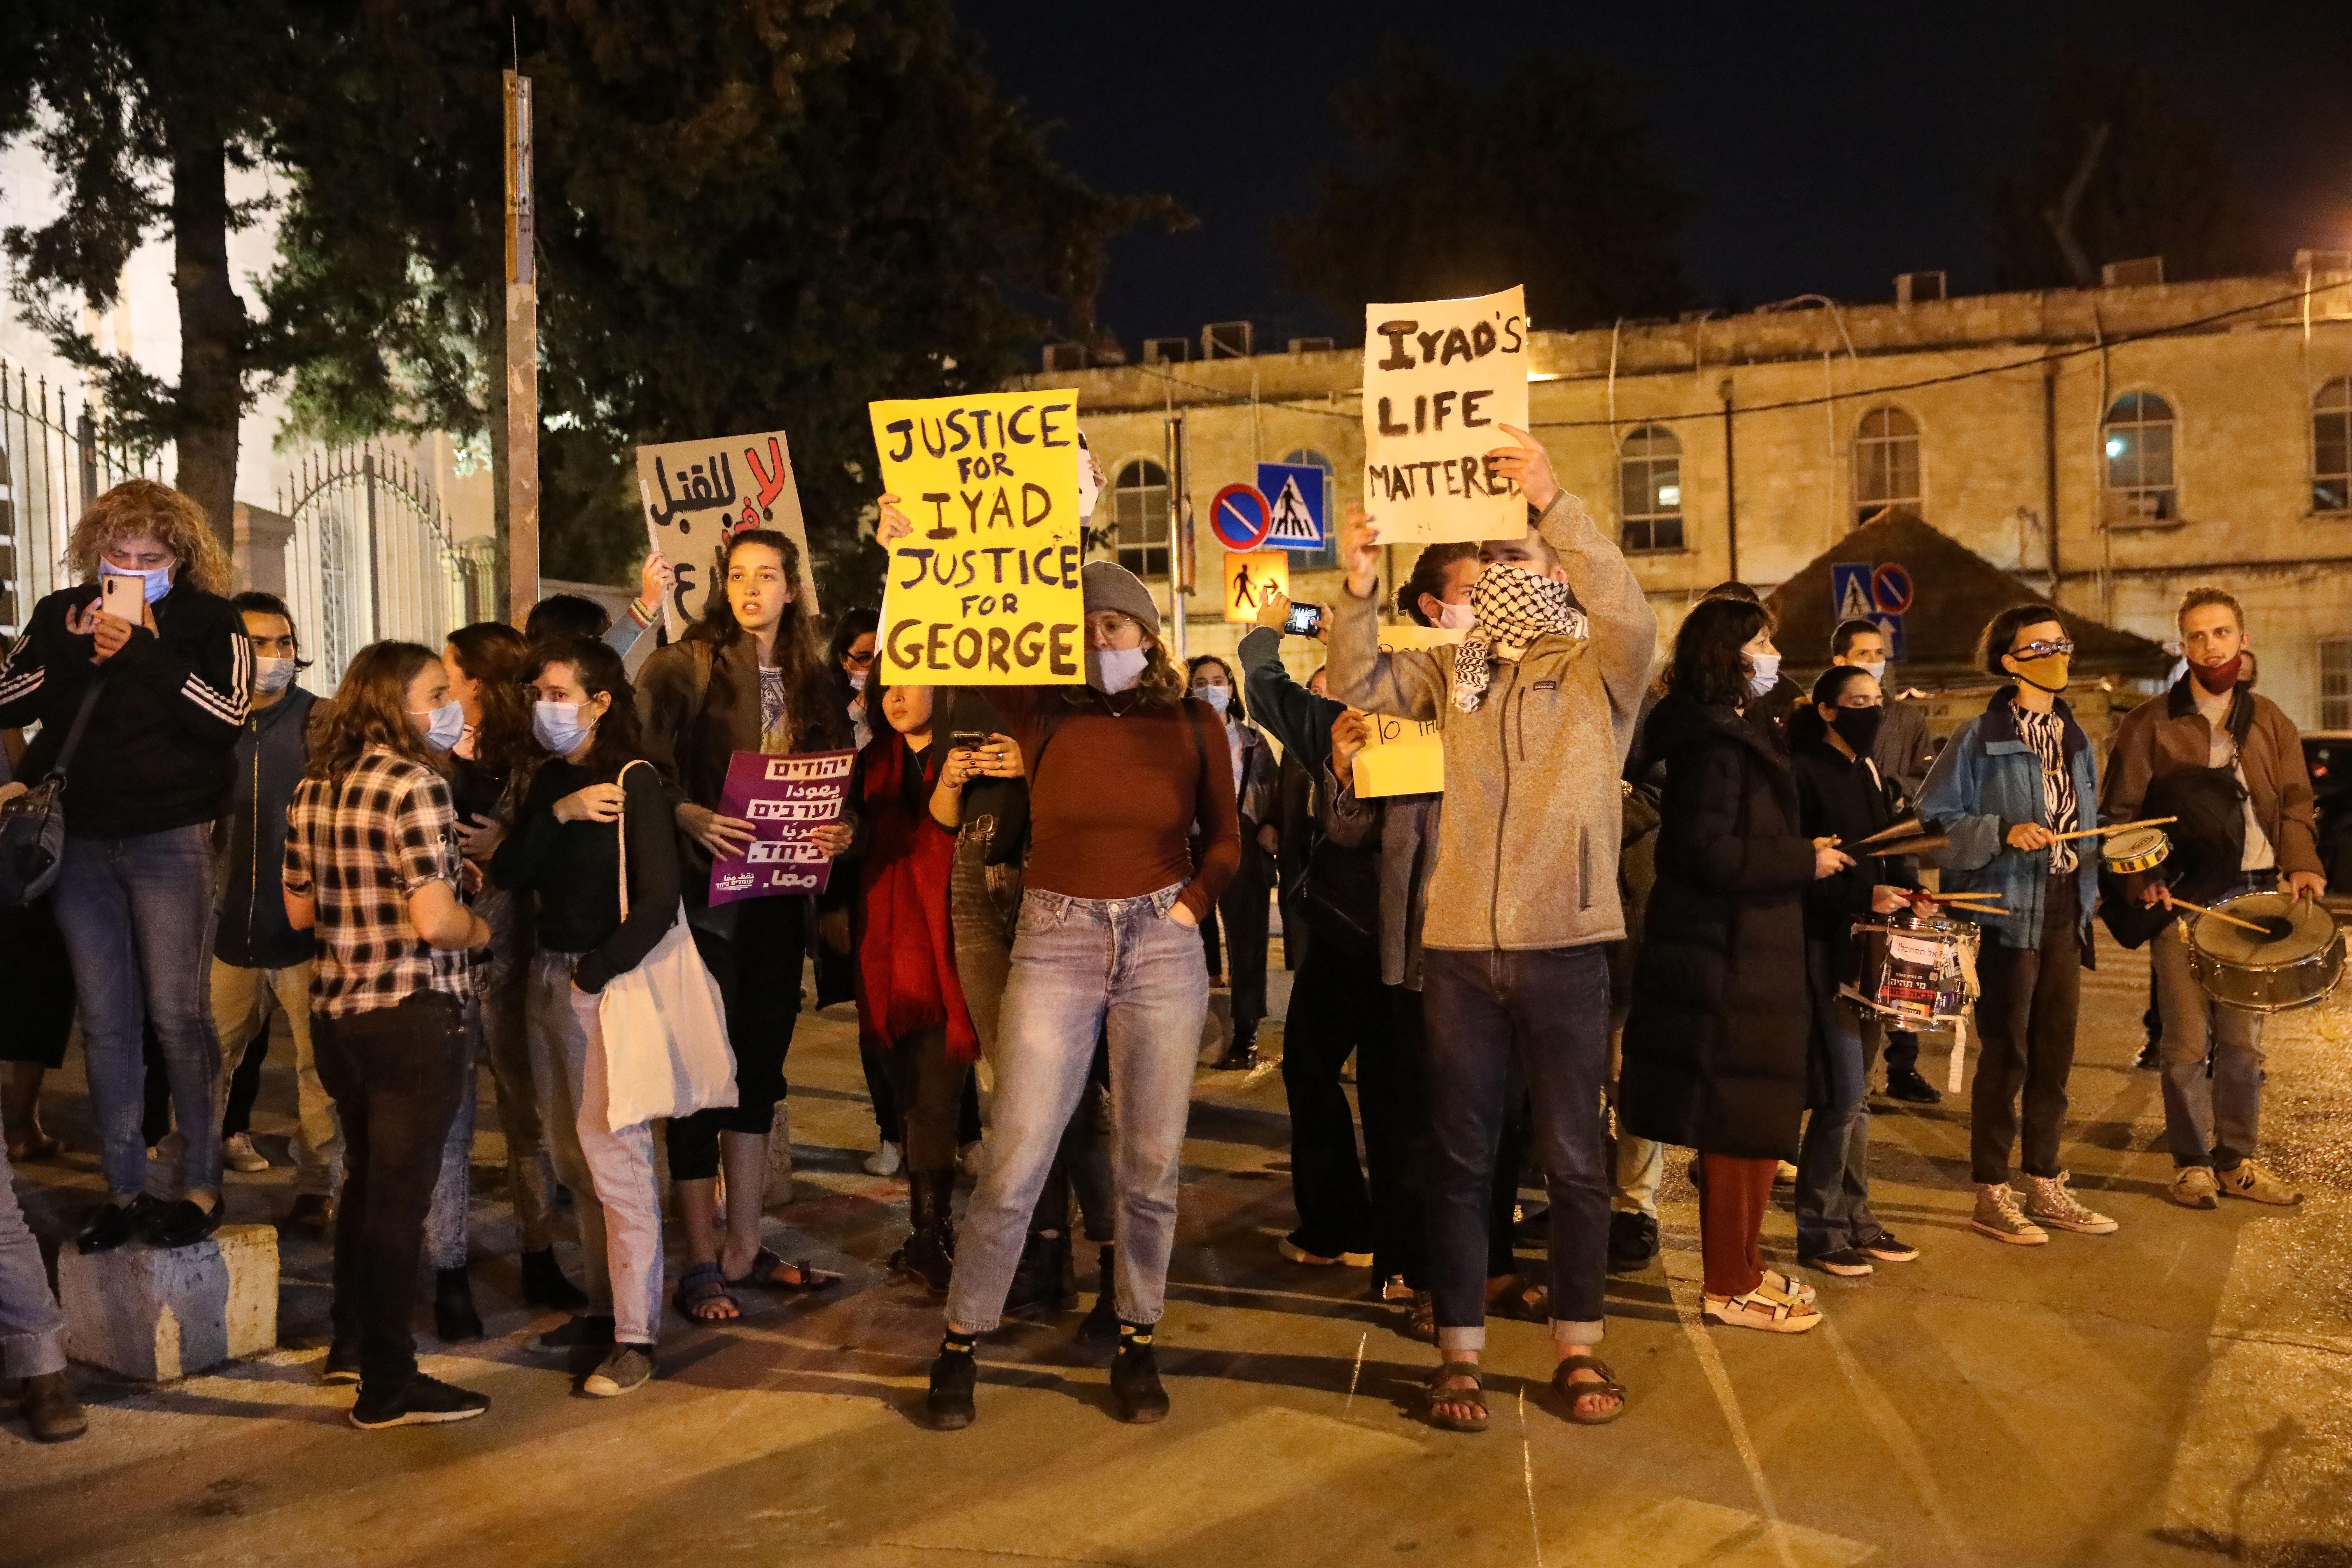 Demonstranten forderten Gerechtigkeit für Iyad Halaq und George Floyd.